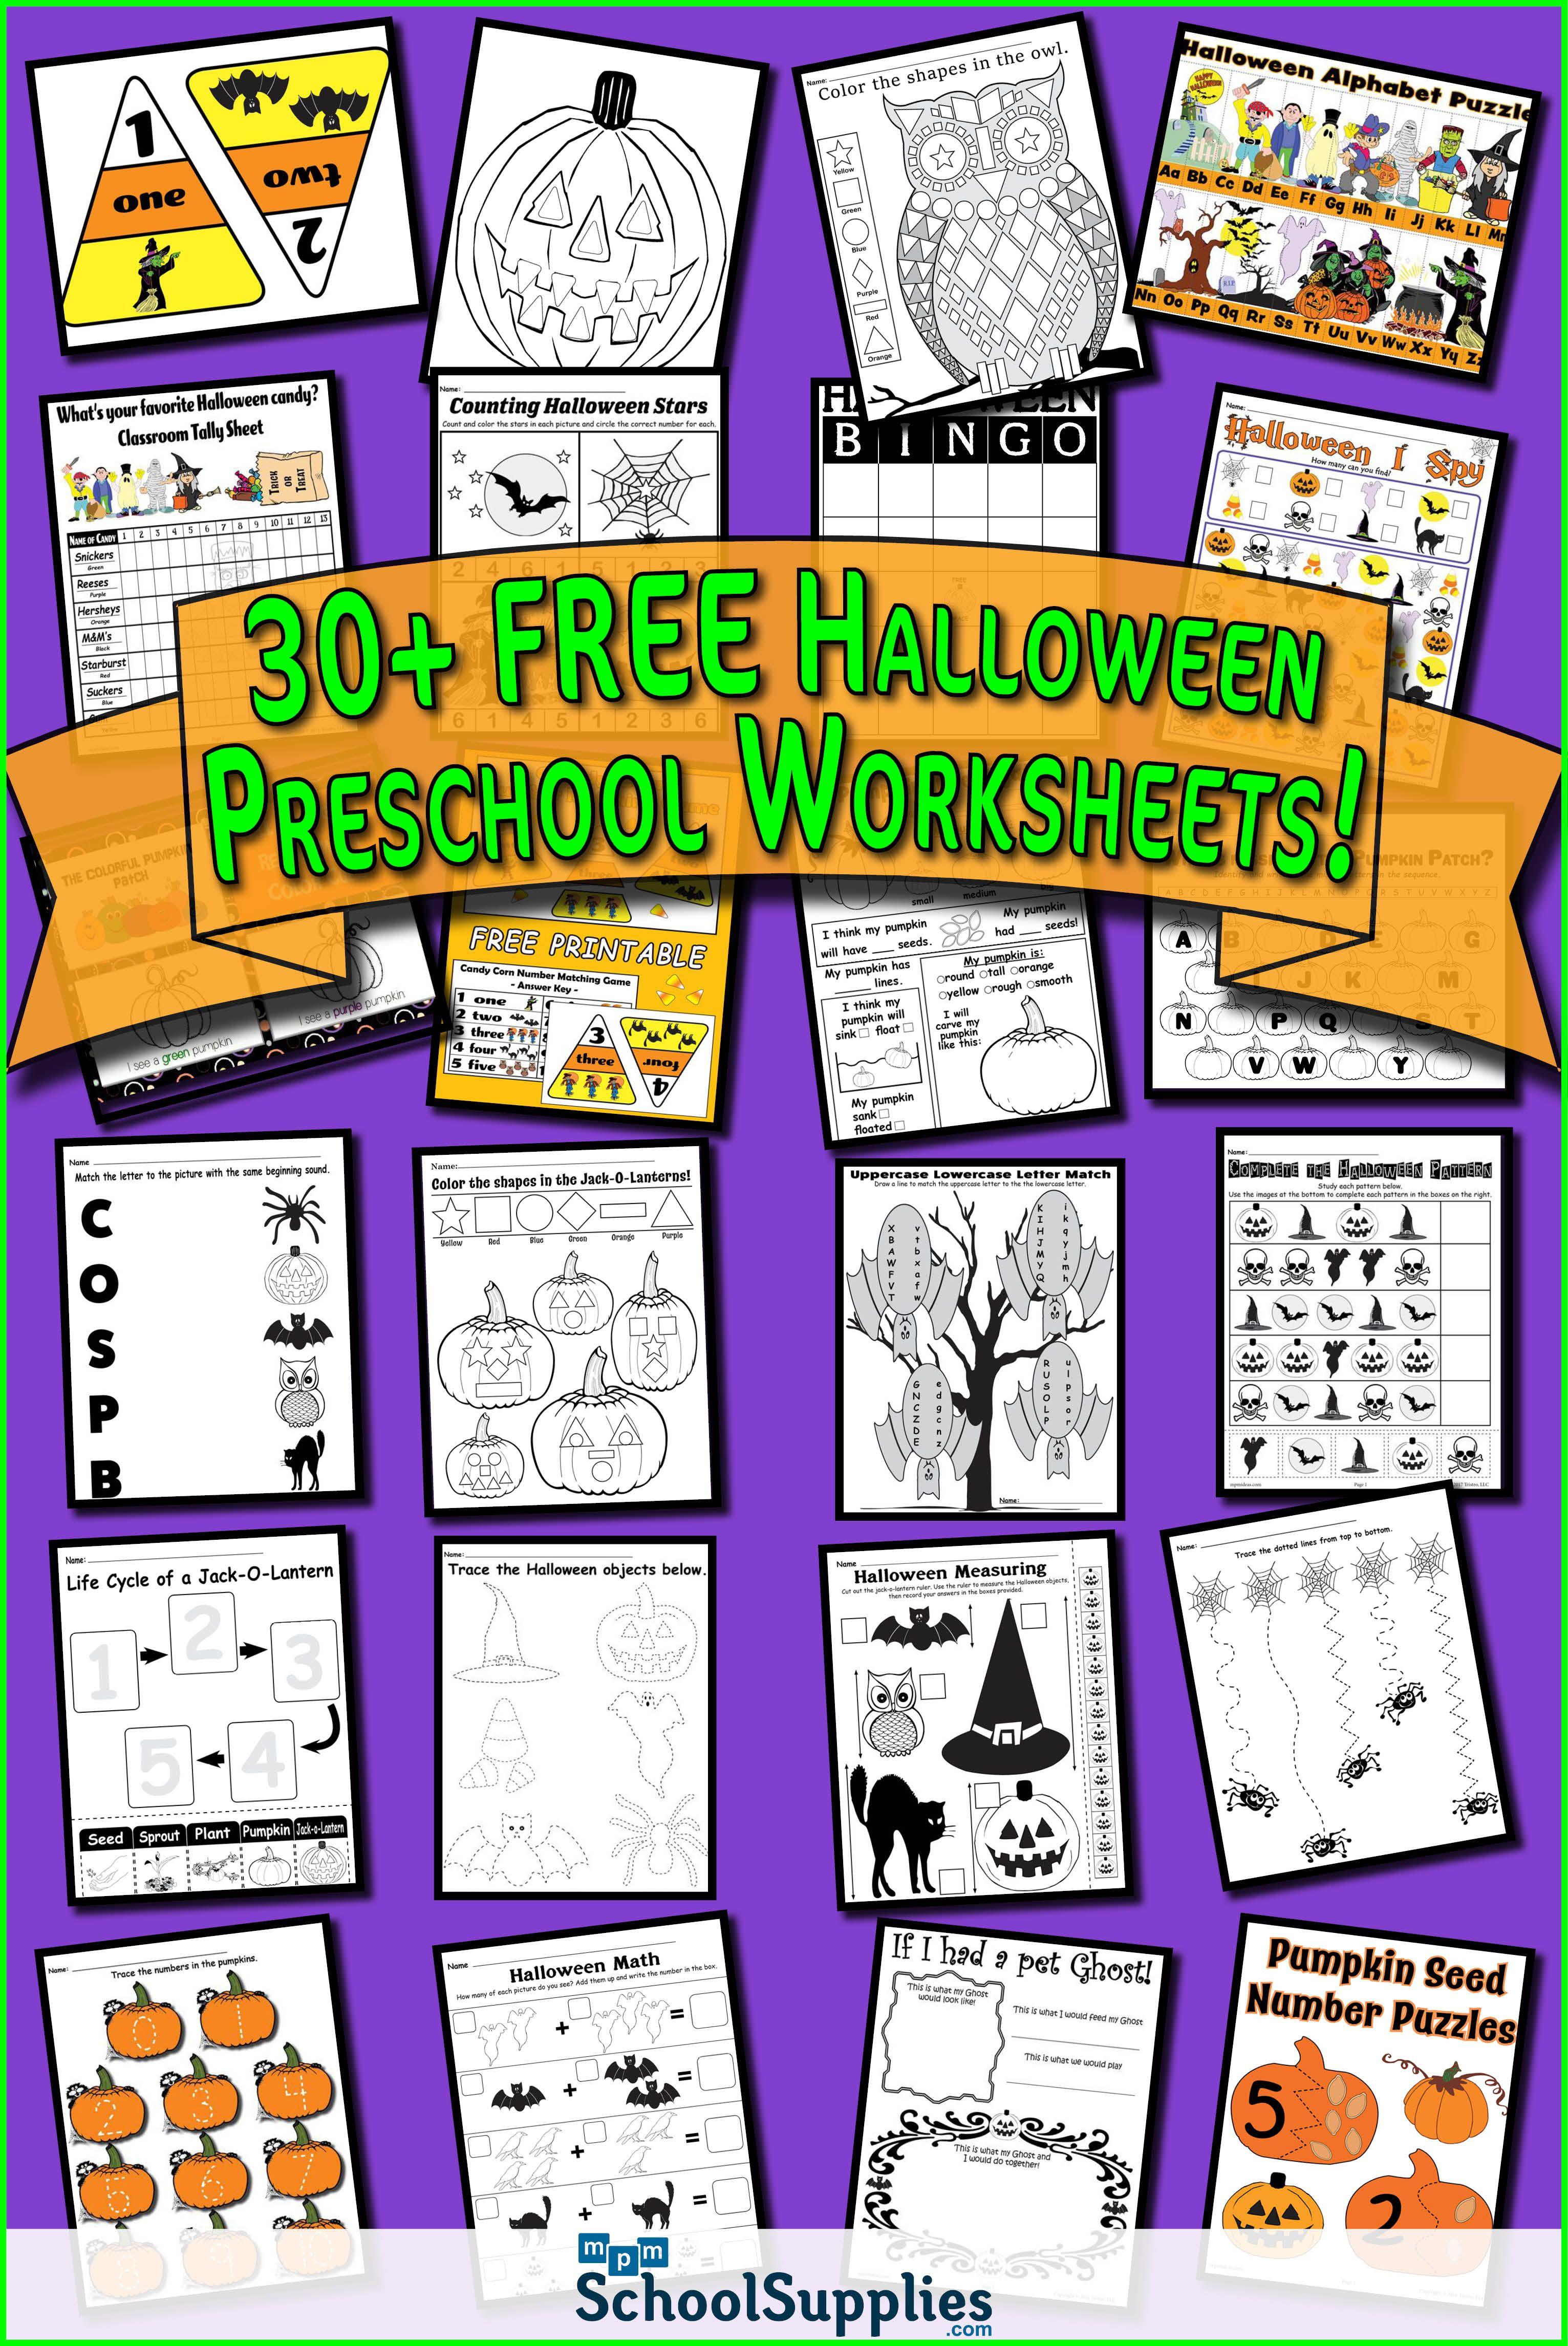 Over 30 Free Halloween Preschool Worksheets Our Halloween Preschool Printables Include Alphabet Halloween Preschool Halloween Worksheets Halloween Educational [ 4583 x 3063 Pixel ]